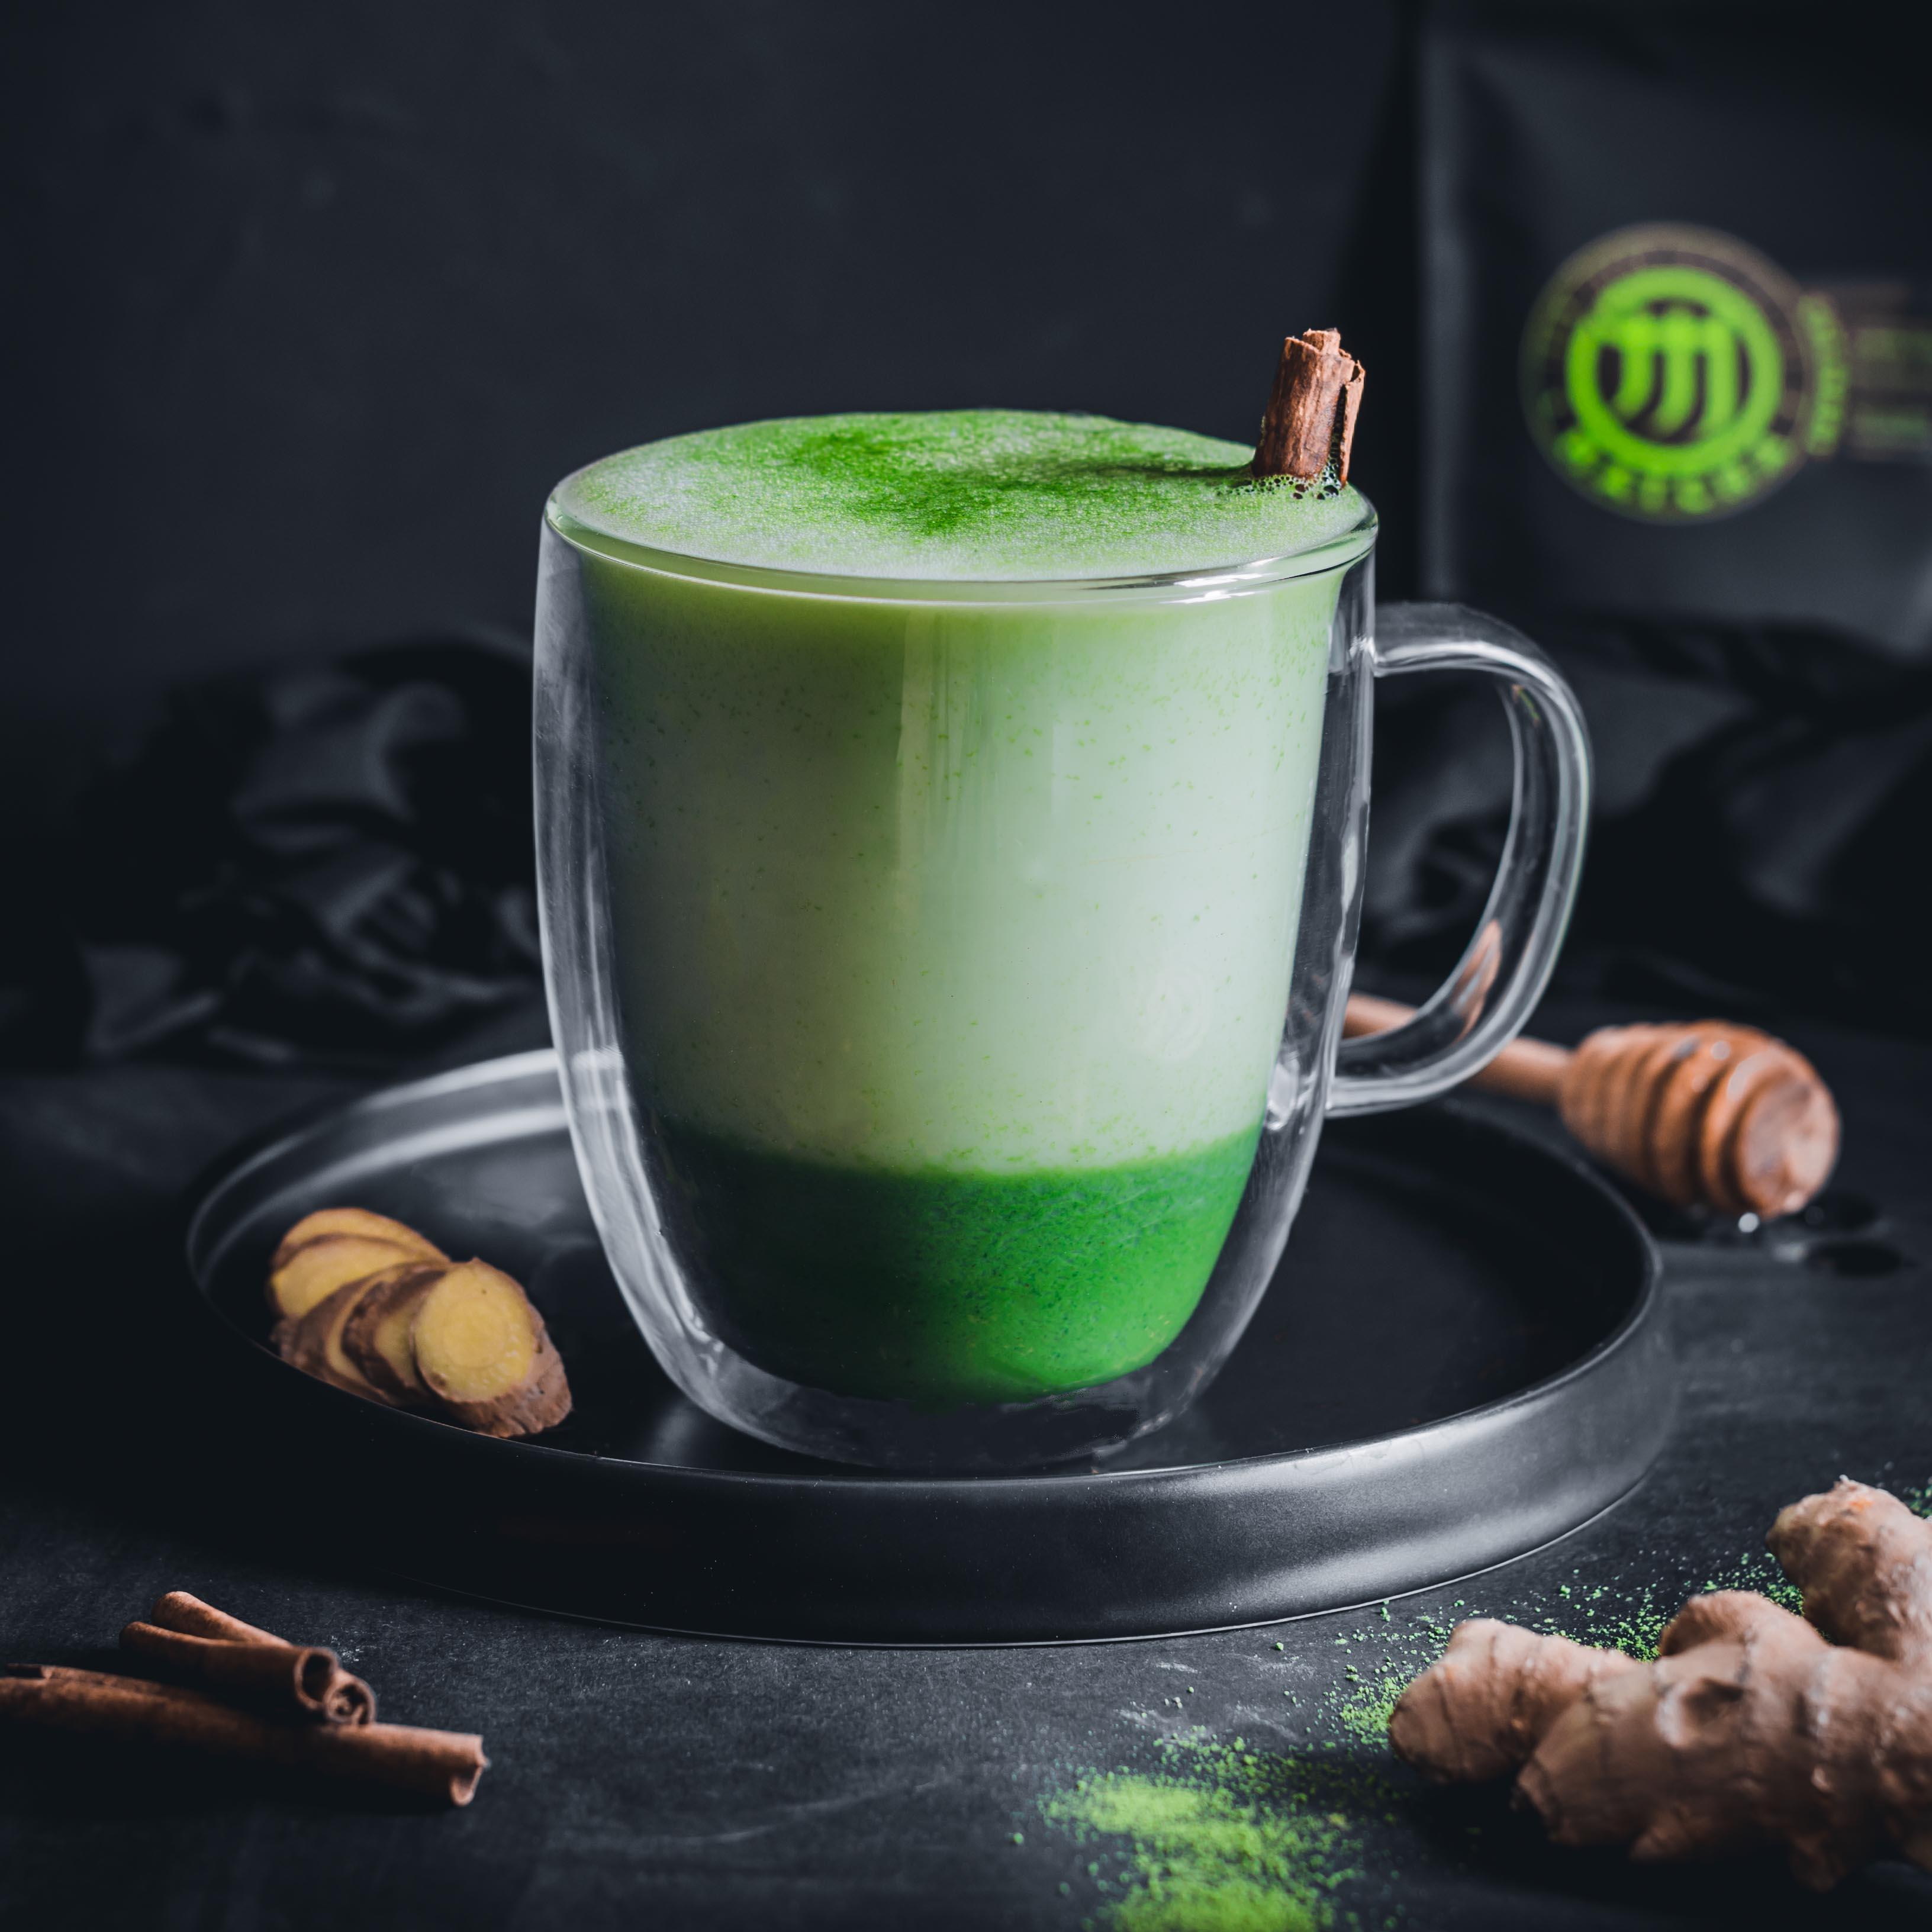 Gyömbéres matcha latte - a legjobb immunerősítő ital